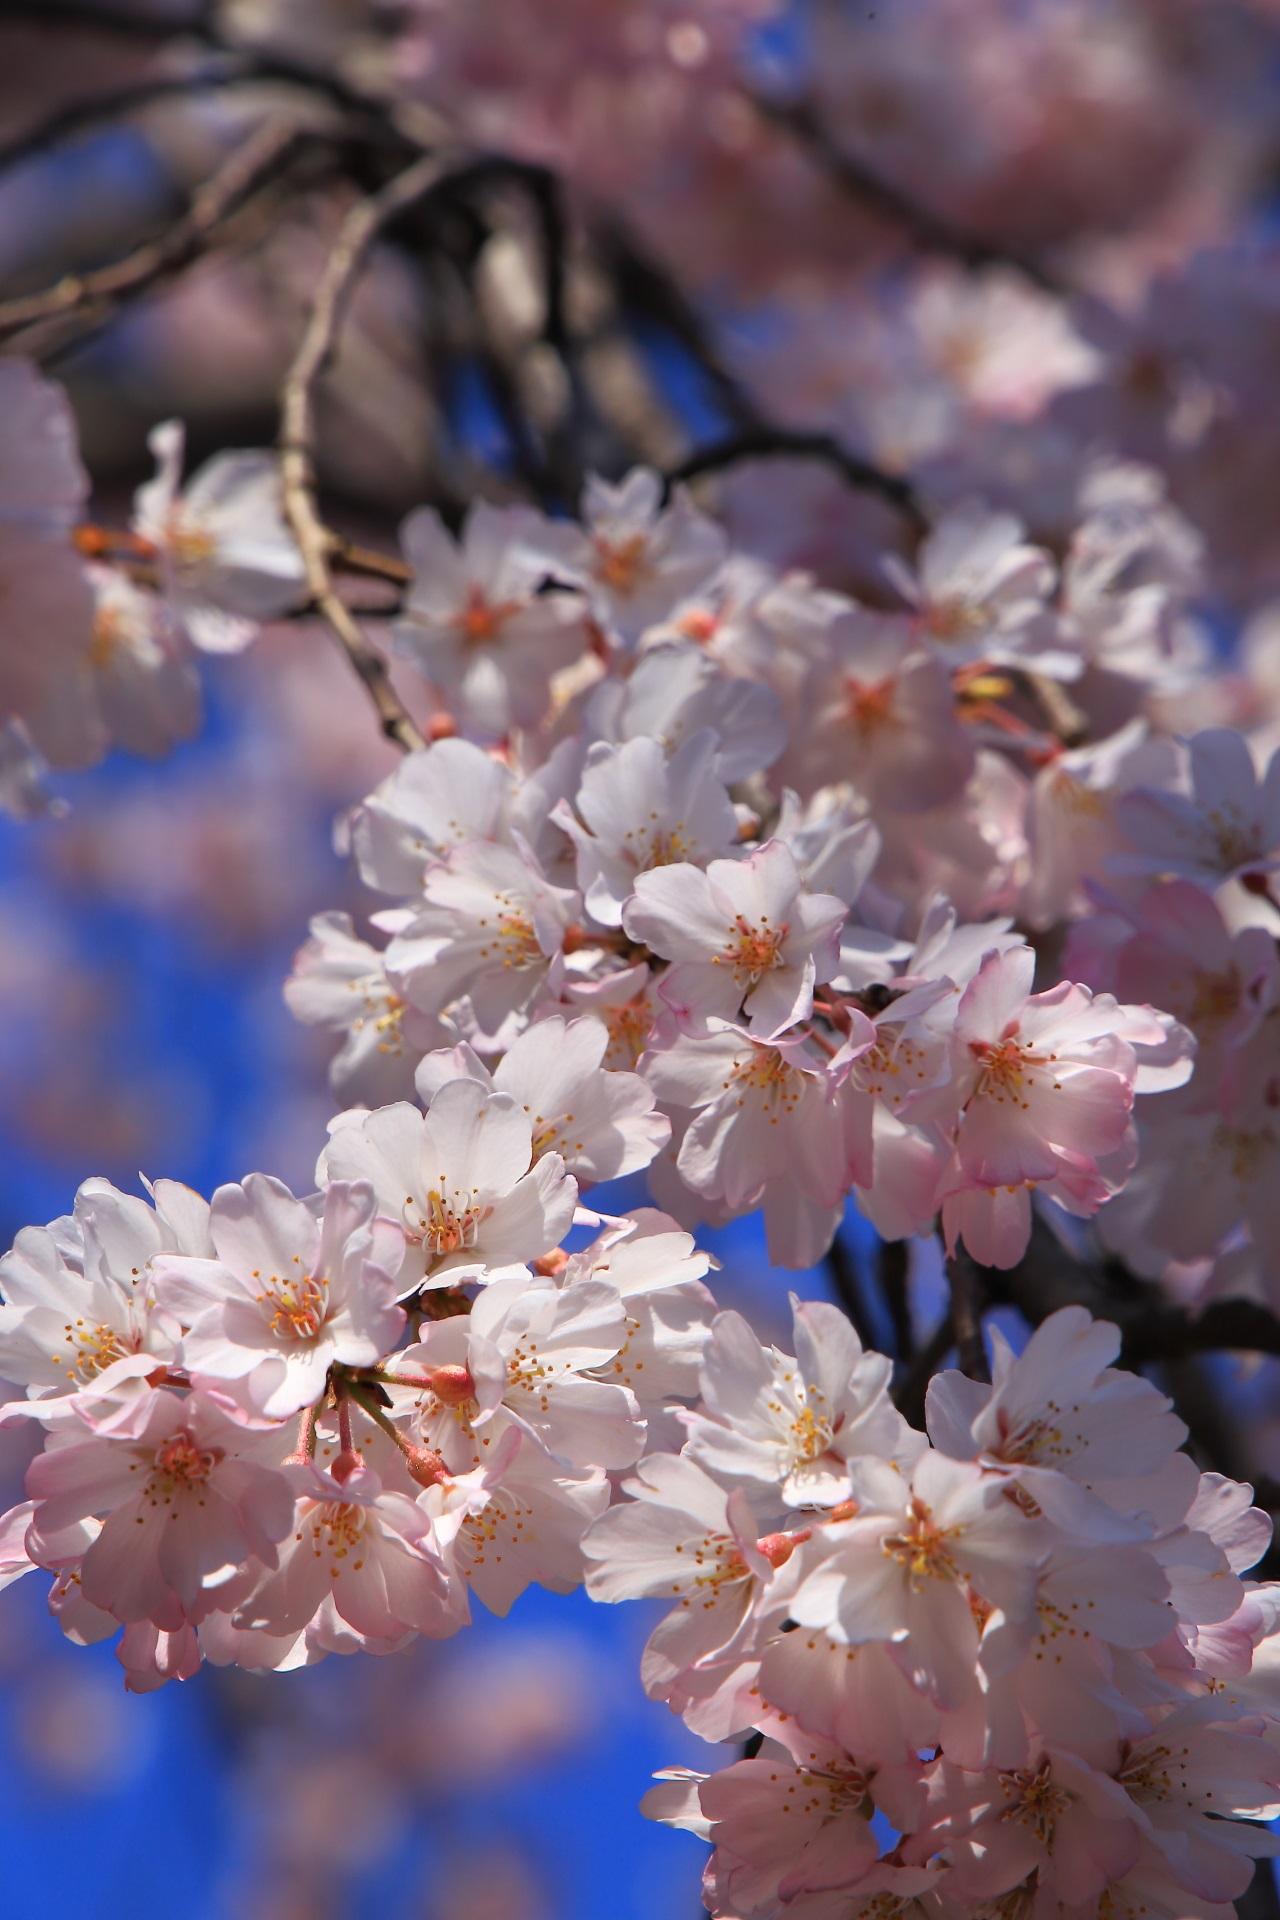 これぞ春の桜といった感じがする光景